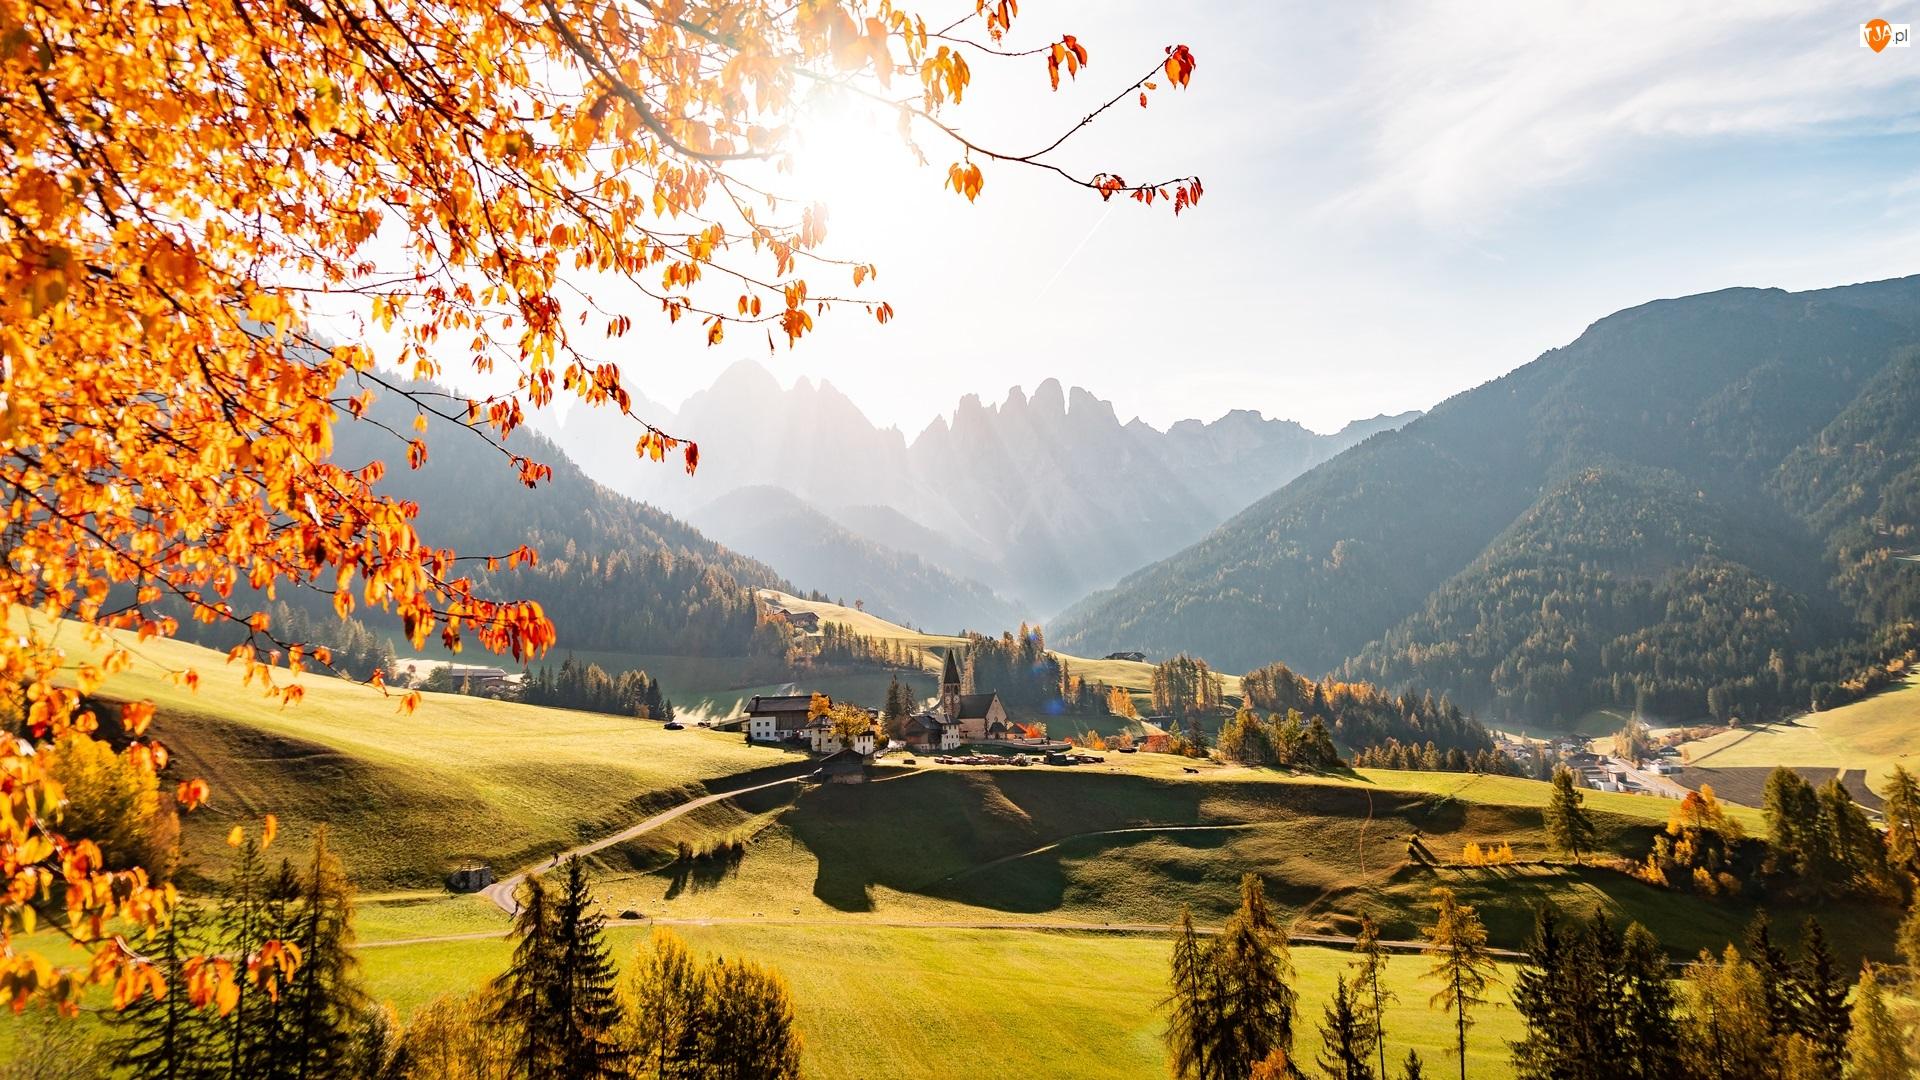 Lasy, Dolomity, Jesień, Włochy, Domy, Góry, Wieś, Drzewa, Masyw Odle, Santa Maddalena, Dolina Val di Funes, Kościół